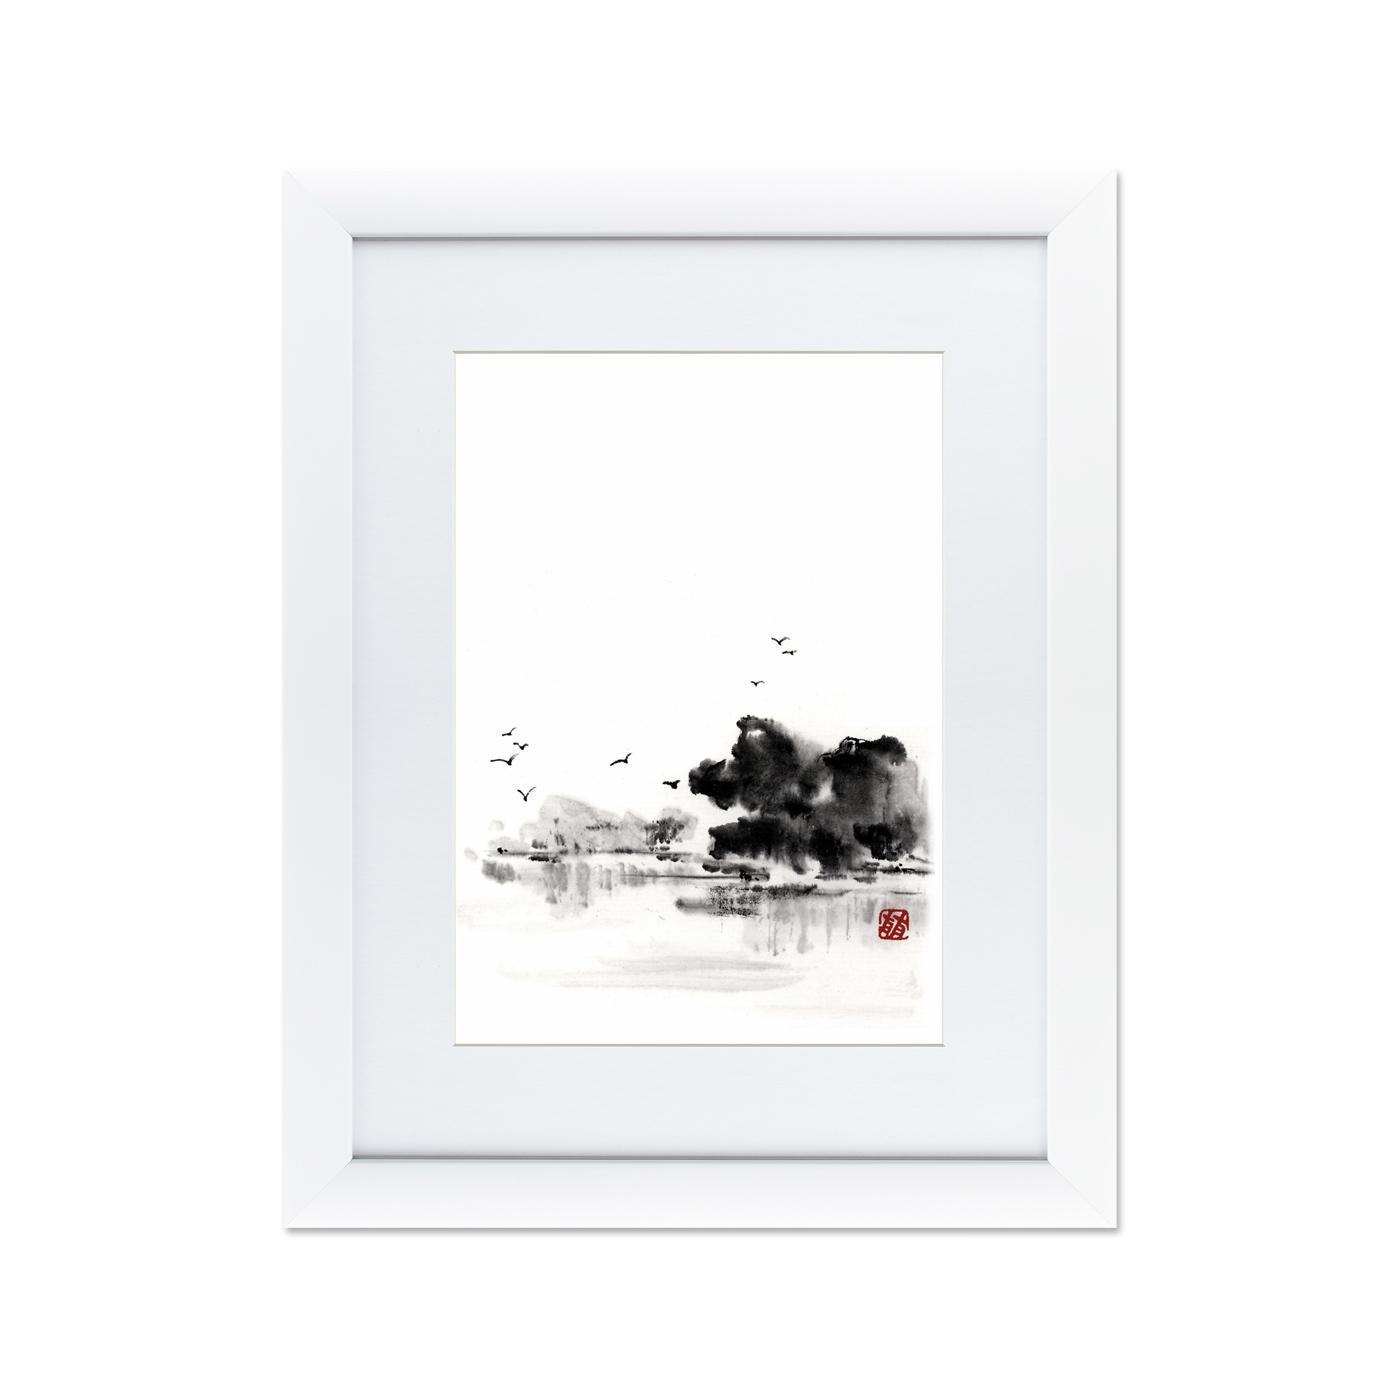 {} Картины в Квартиру Картина Японская Акварель Суми-э, №5 (47х60 см) картины в квартиру картина etude 2 102х130 см